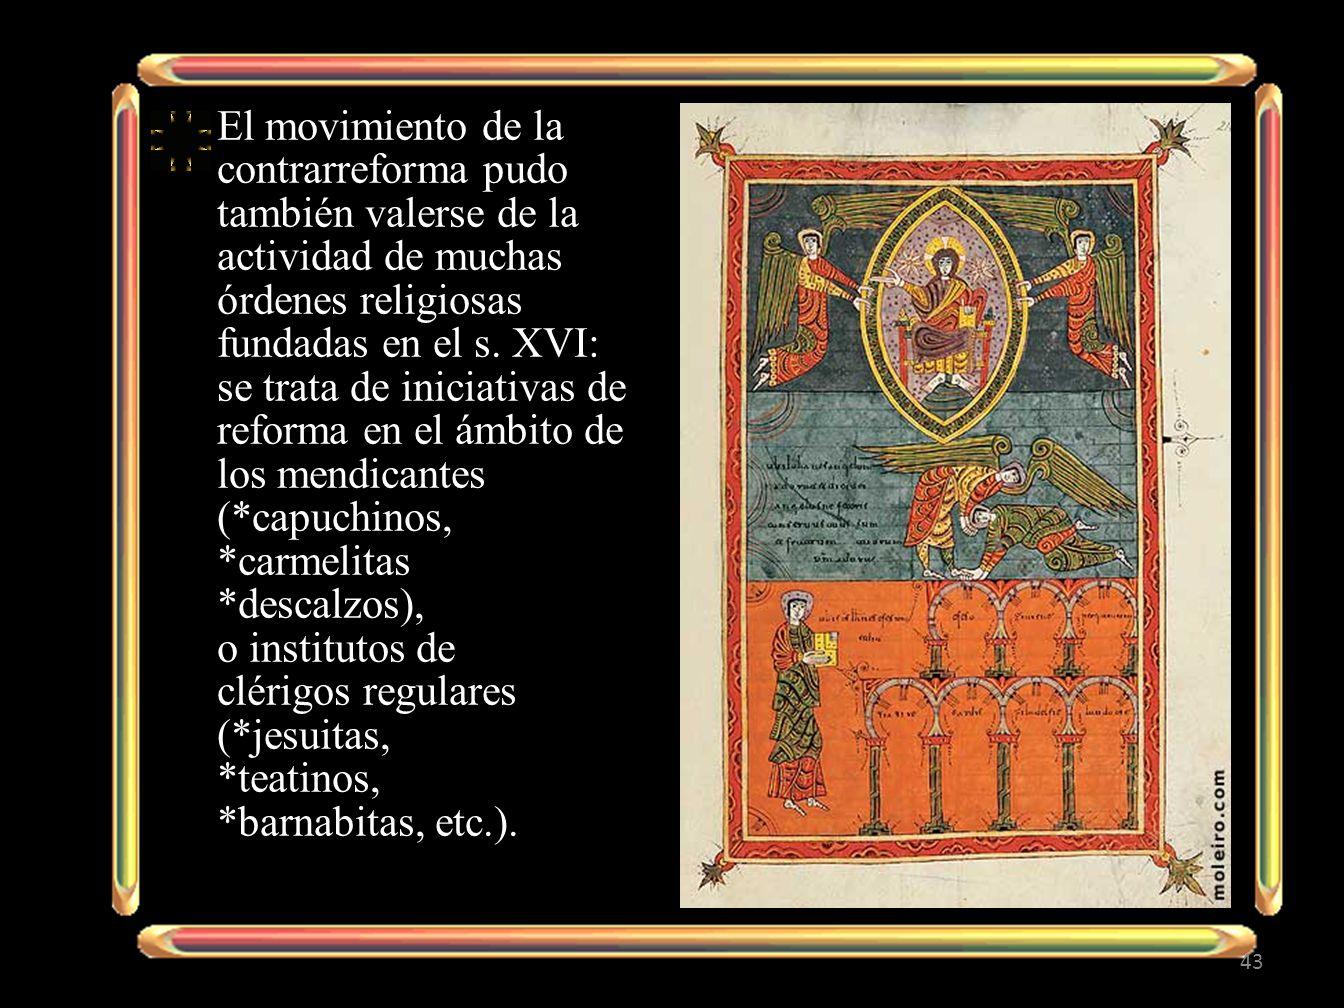 El movimiento de la contrarreforma pudo también valerse de la actividad de muchas órdenes religiosas fundadas en el s.